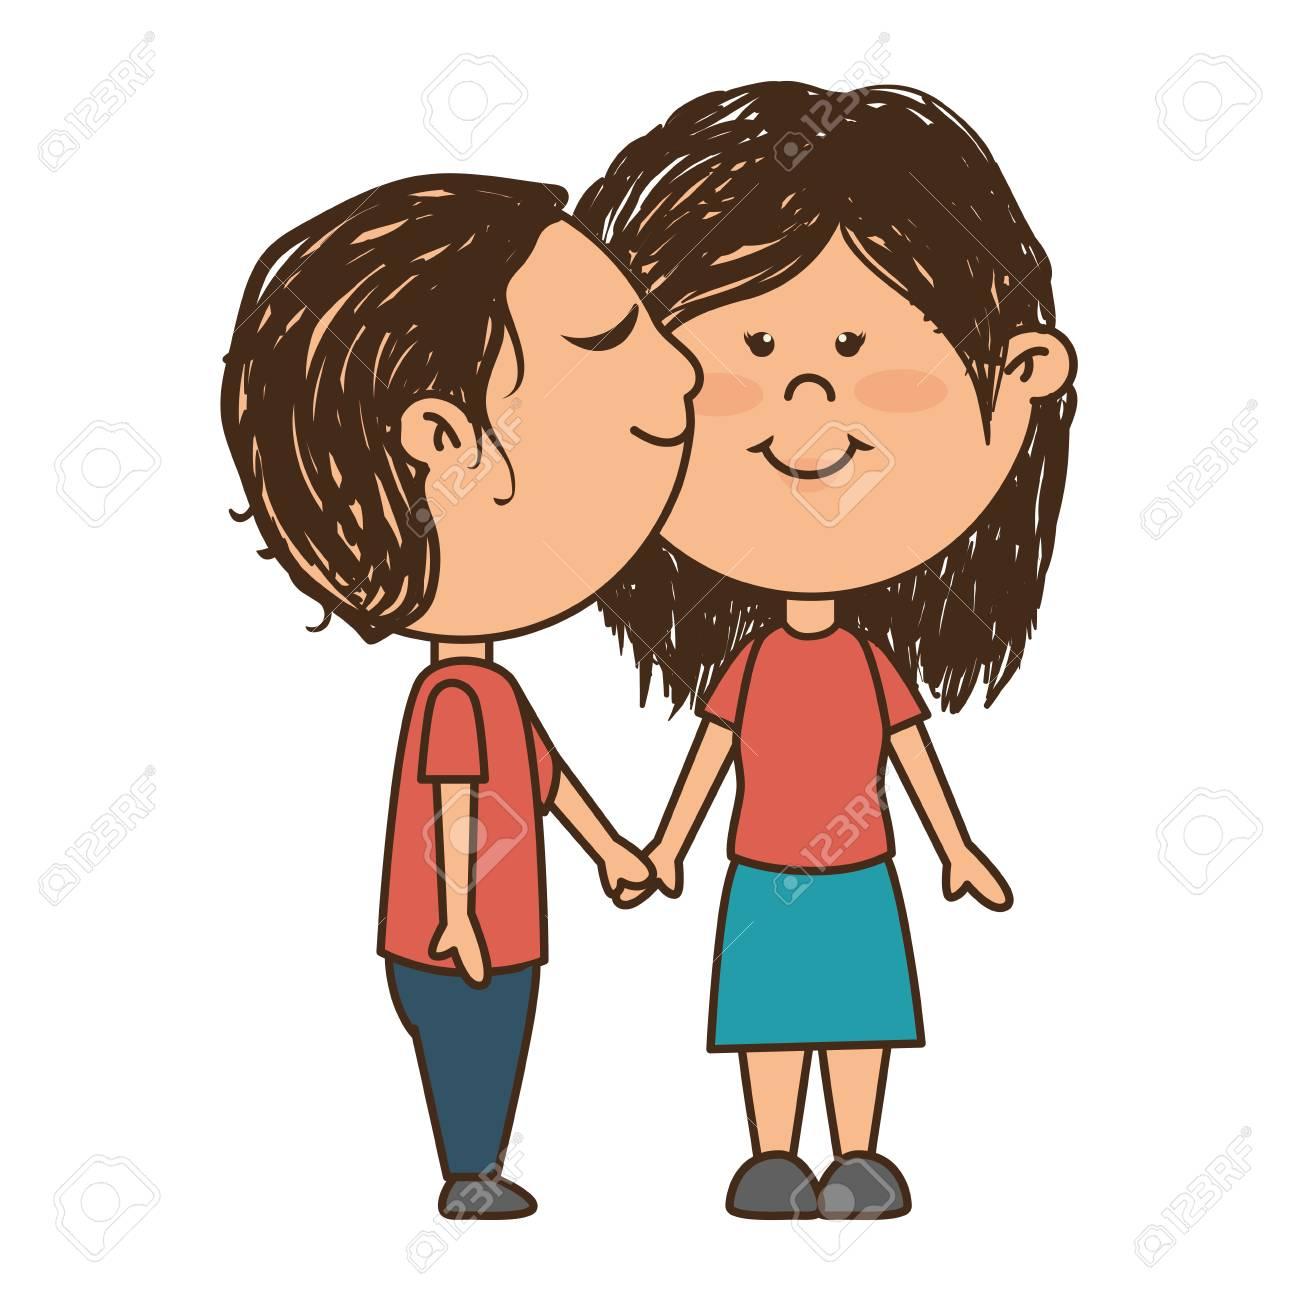 Homme Et Femme Amour Couple Romance Baiser Dessin Animé Vector Illustration